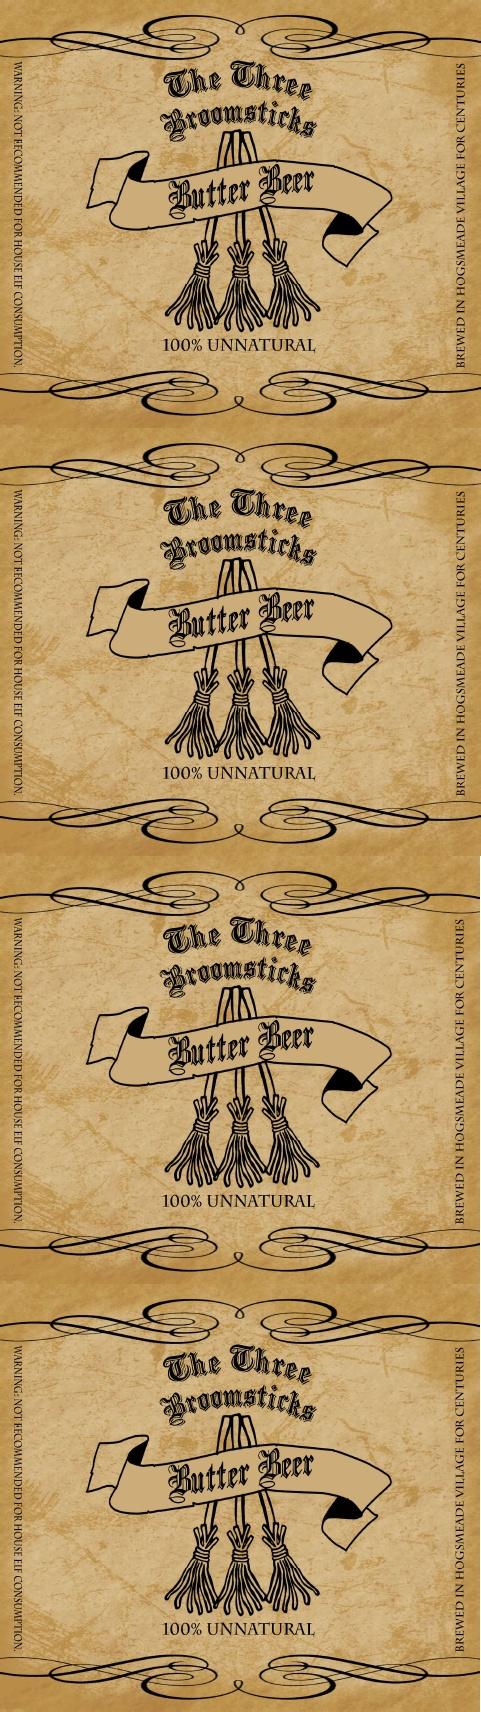 Hog Warts Express Butter Beer Label | Harry Potter - Free Printable Butterbeer Labels